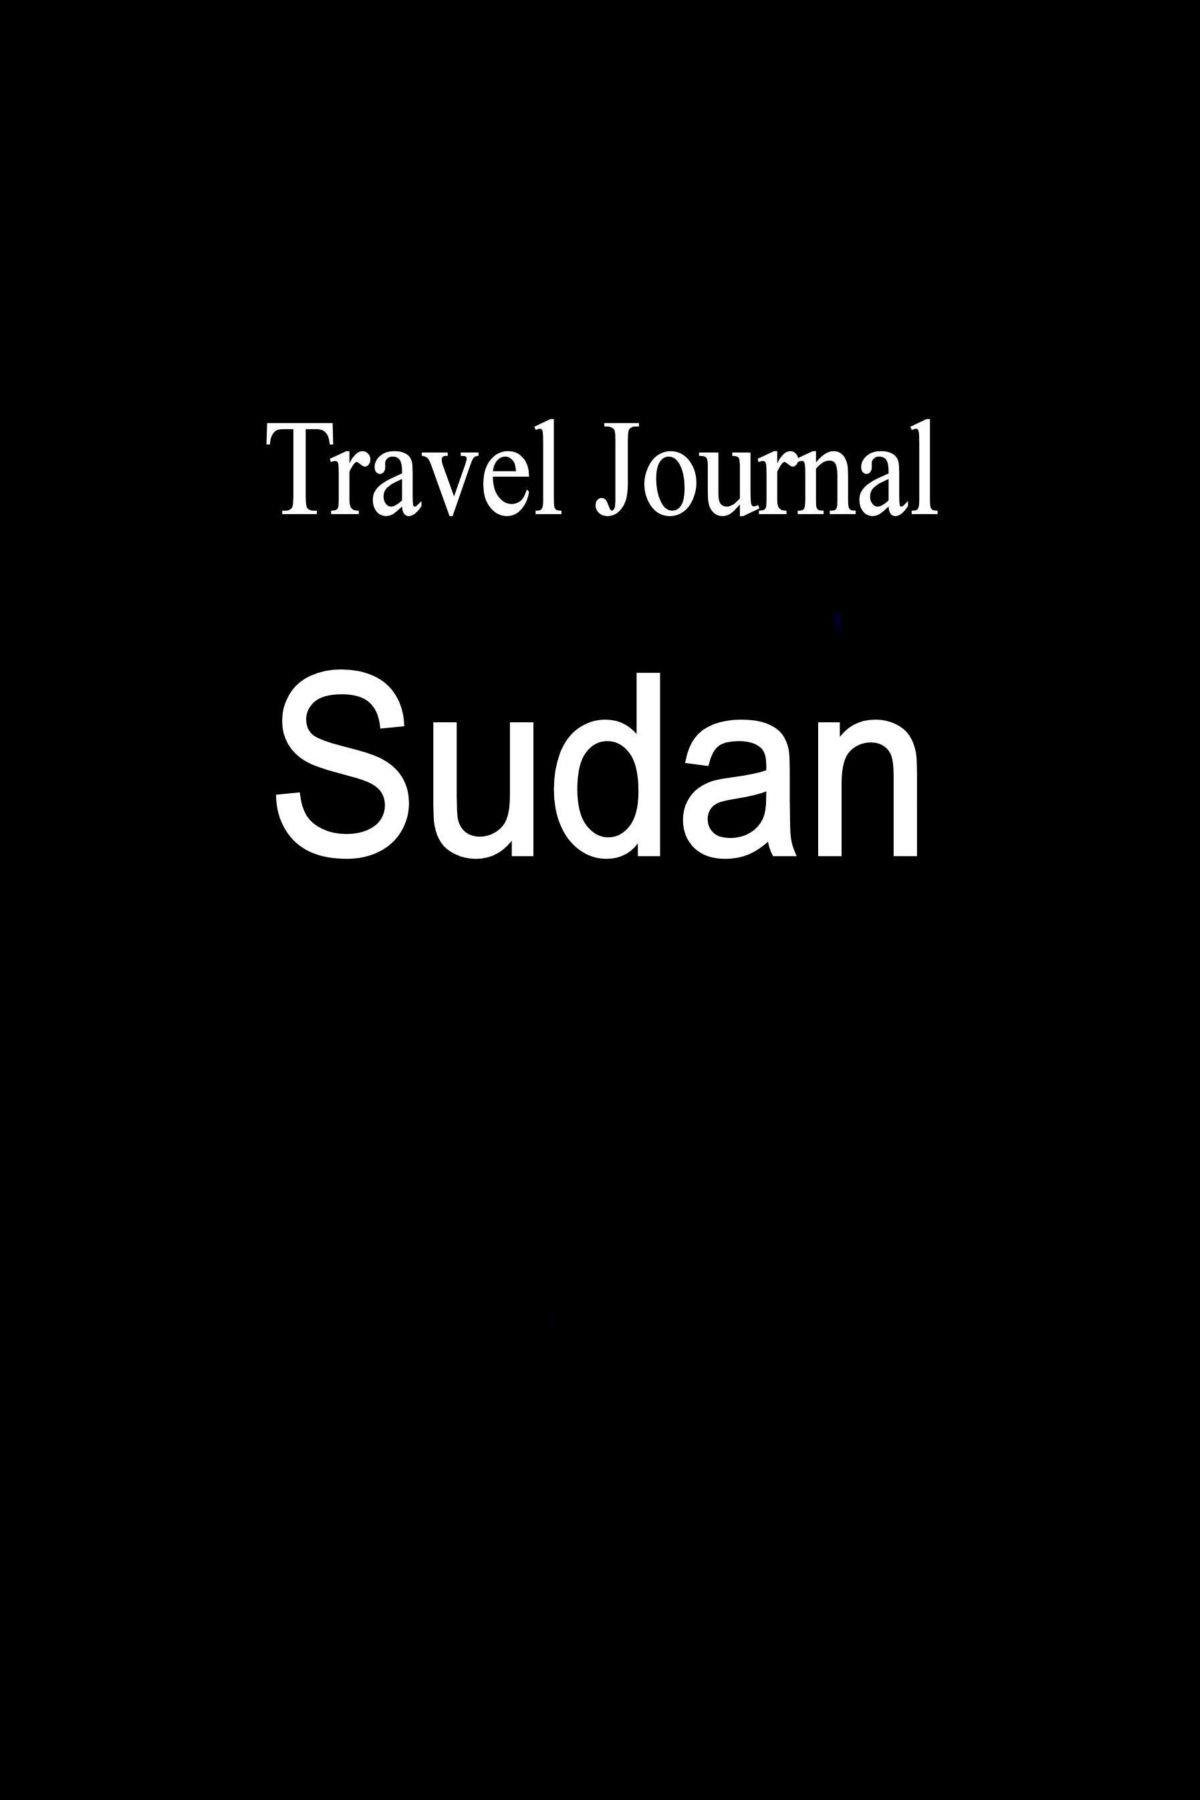 Travel Journal Sudan